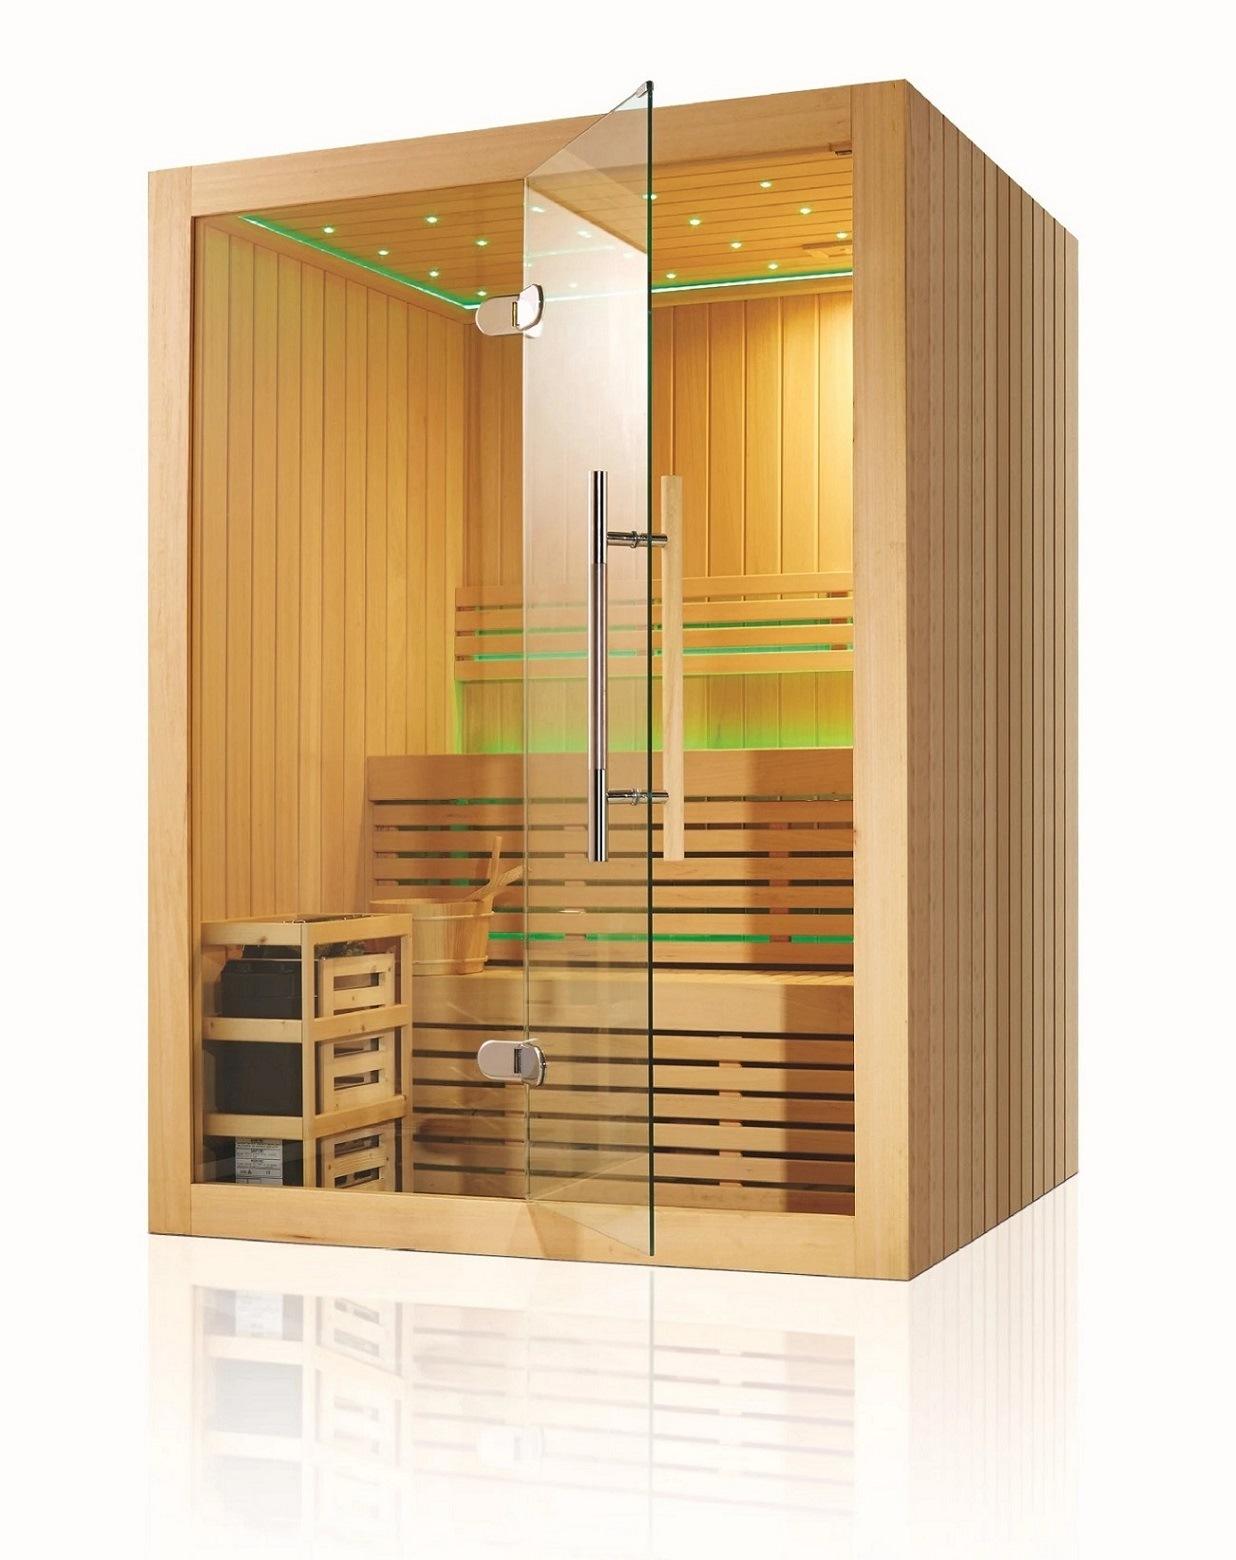 Luxury Home Sauna Cedardirect Com: China Monalisa Mini Luxury Sauna Room Sauna Cabin Sauna